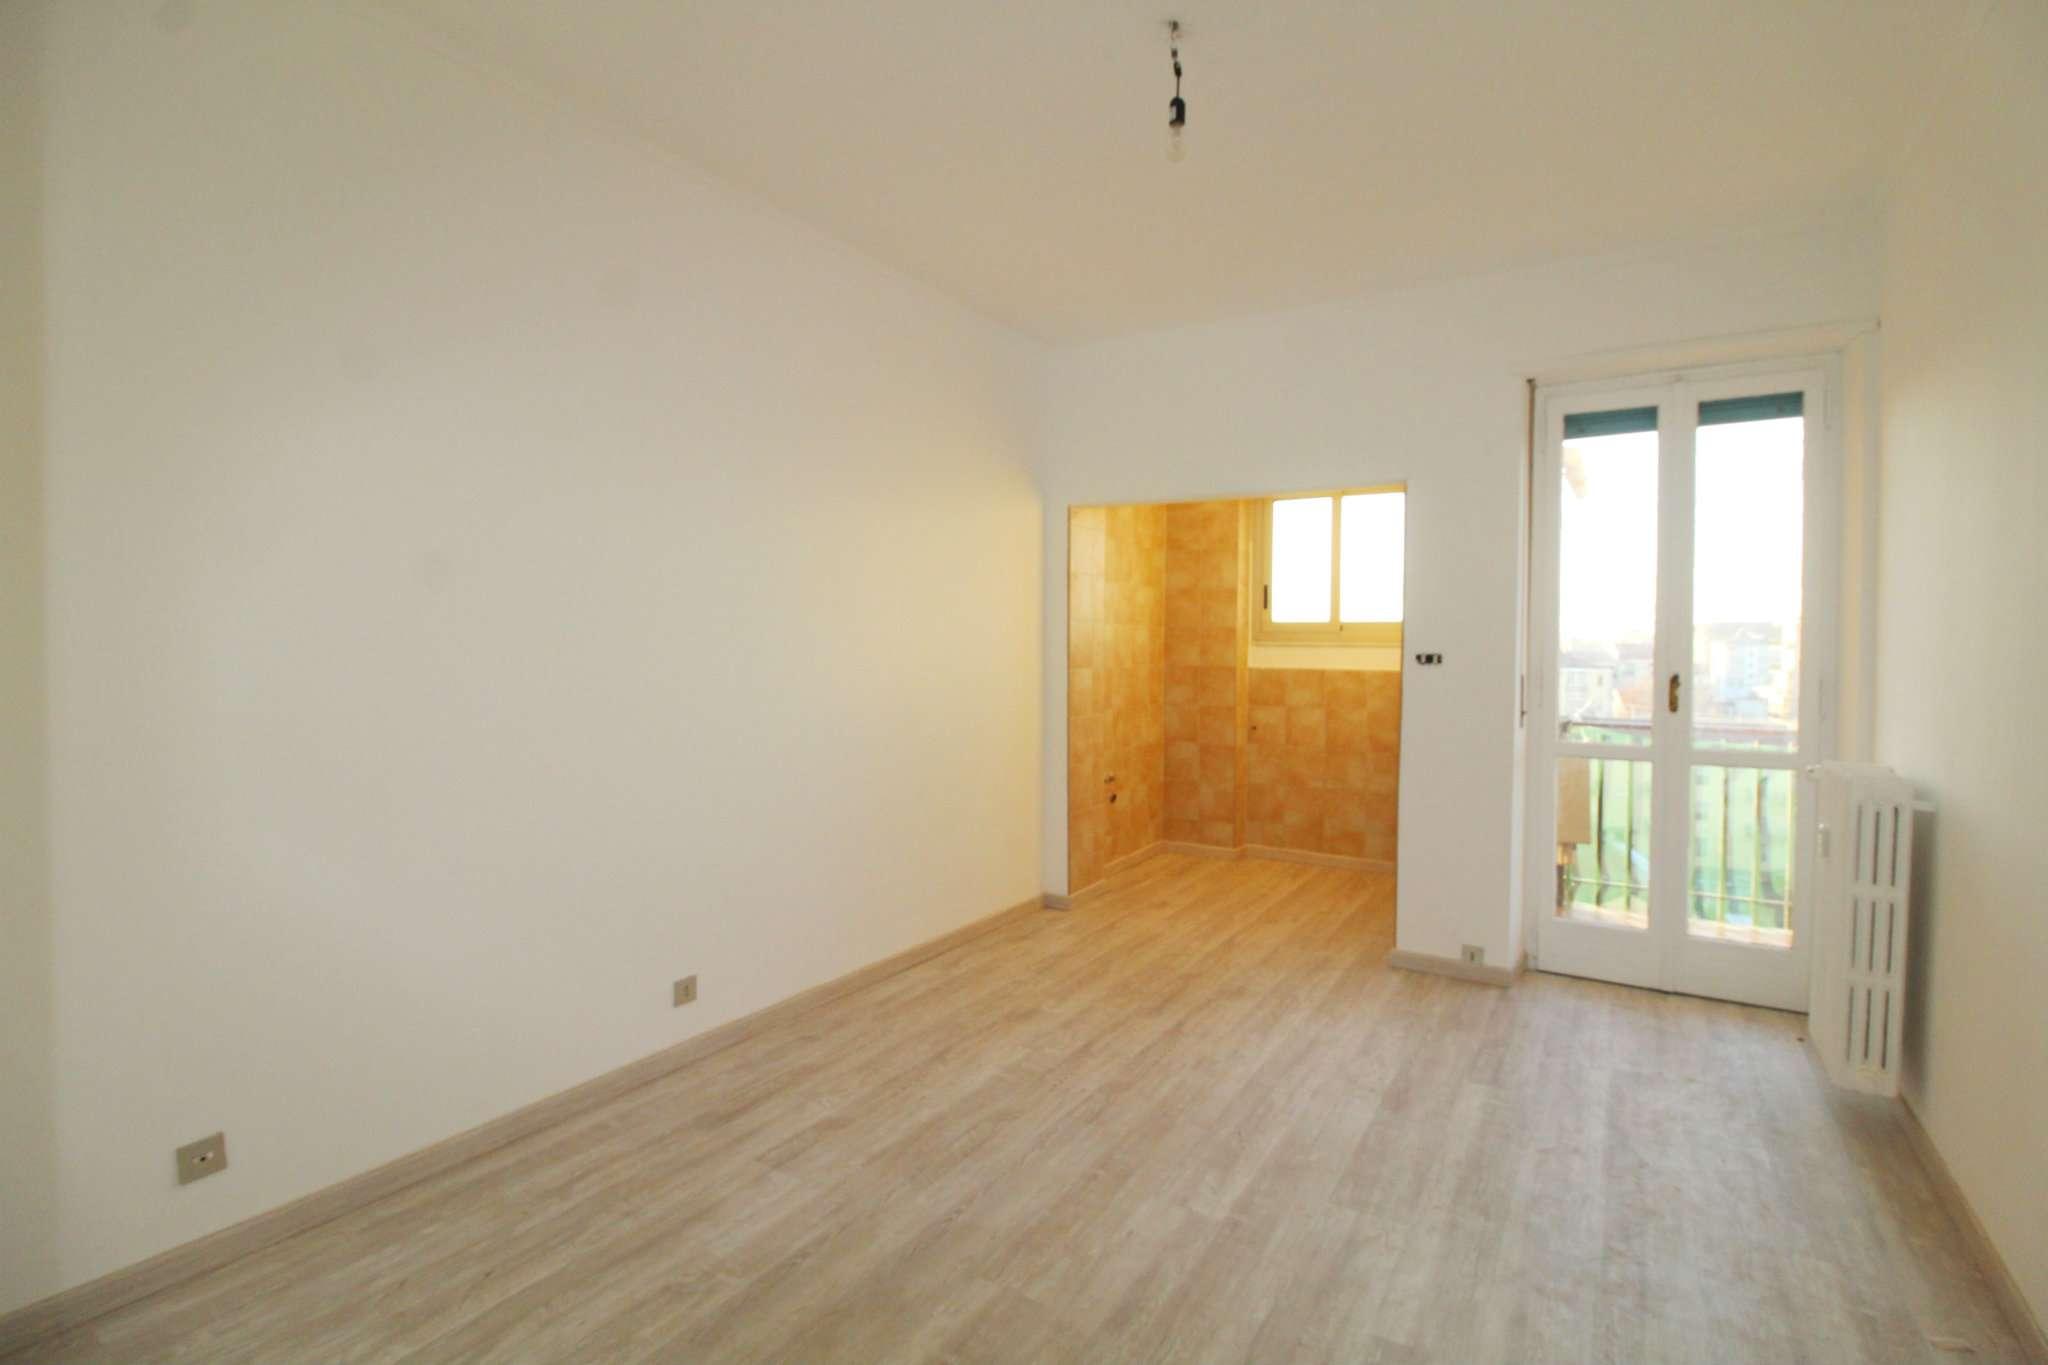 Appartamento ristrutturato in vendita Rif. 9437055